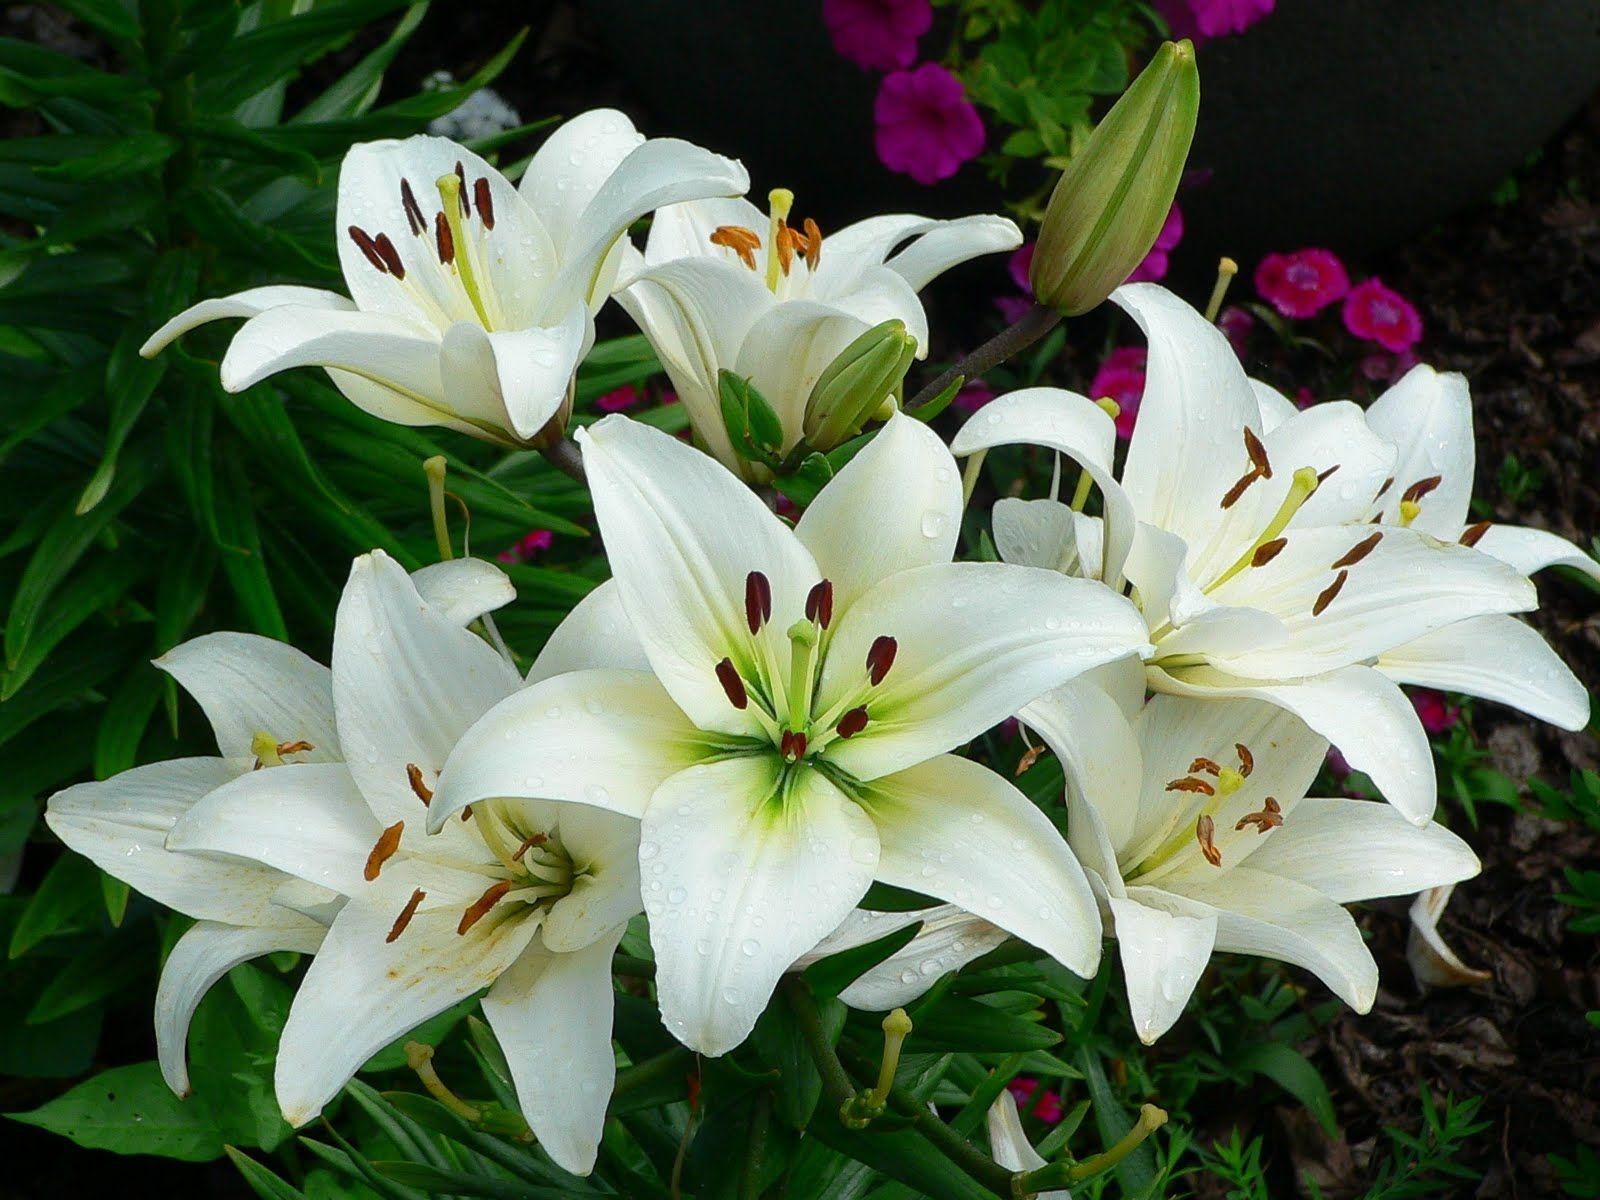 Lily flowers gardenyard pinterest lilies flowers flowers and lily flowers izmirmasajfo